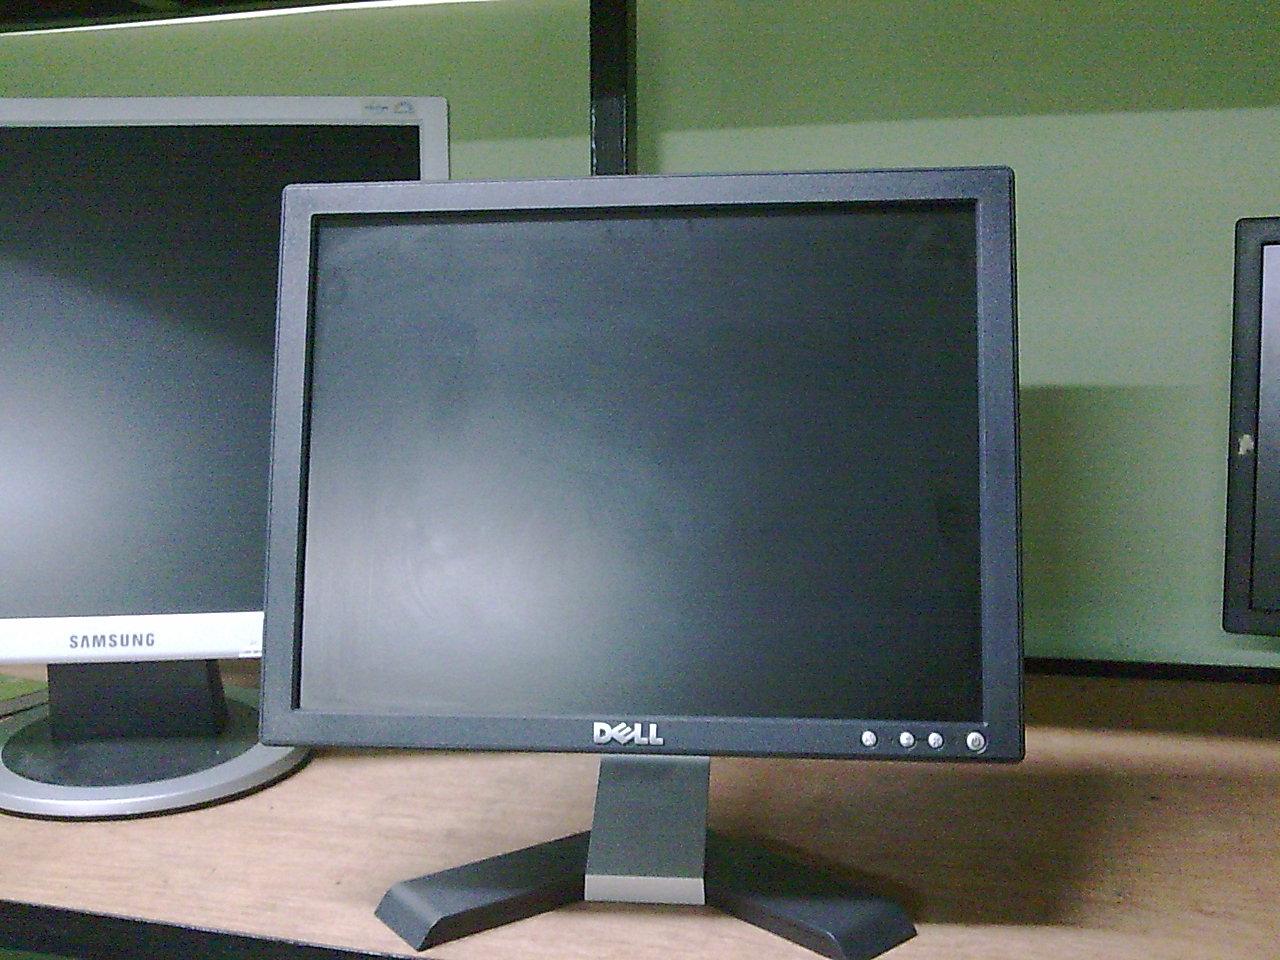 Kami menjual lcd monitor terpakai murah lagi berkualiti!! Kami juga membekal Lcd Monitor kepada peniaga komputer. Sila ke stor kami di batu 8 1/2 Jalan Bernam, 45500, Tg Karang.